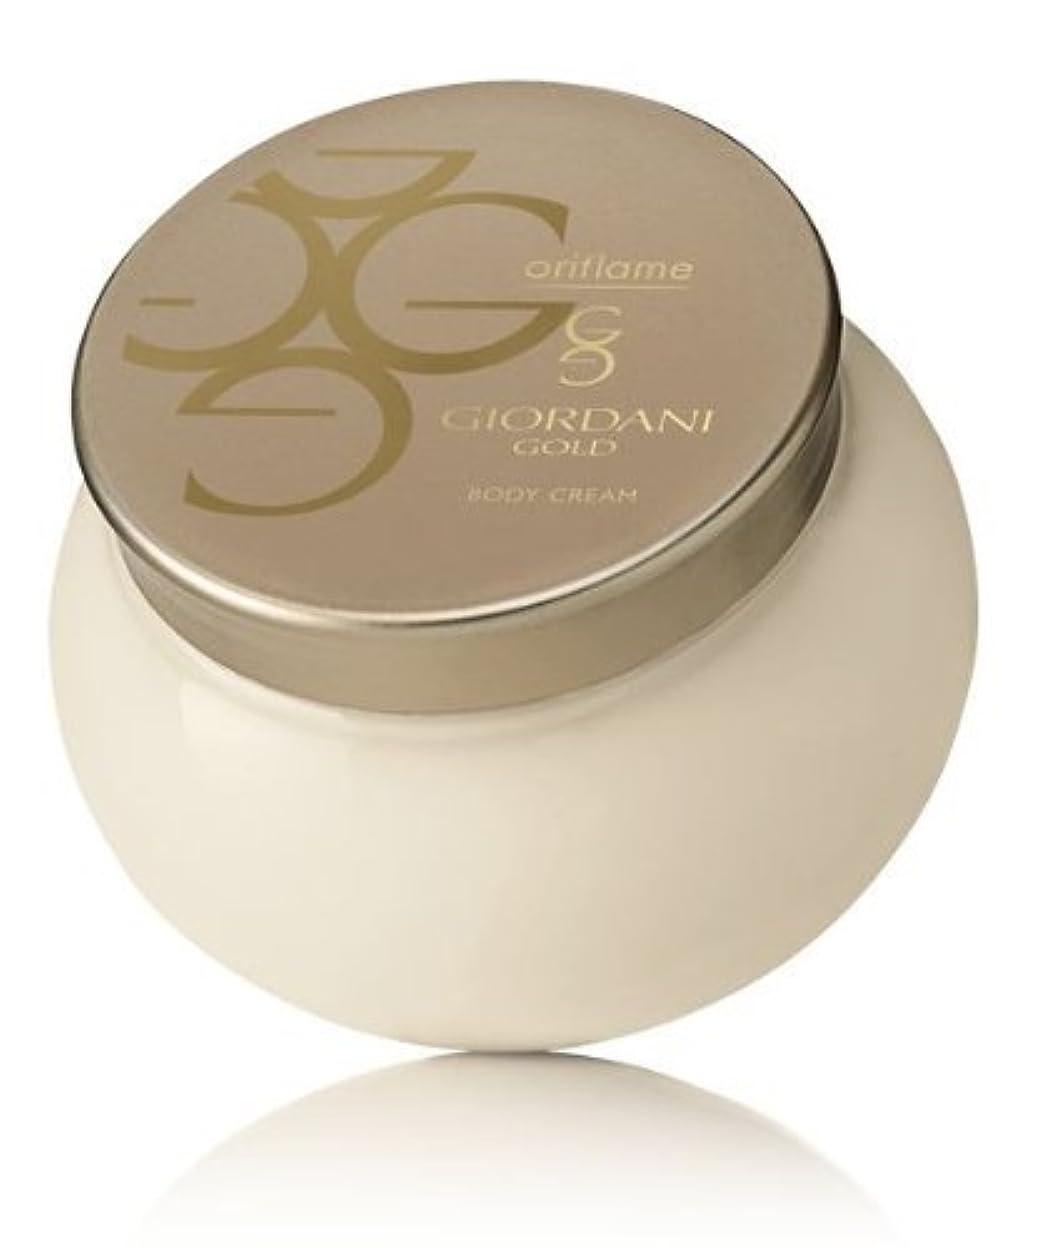 ウェブ病院最高Giordani Gold Body Cream by Oriflame